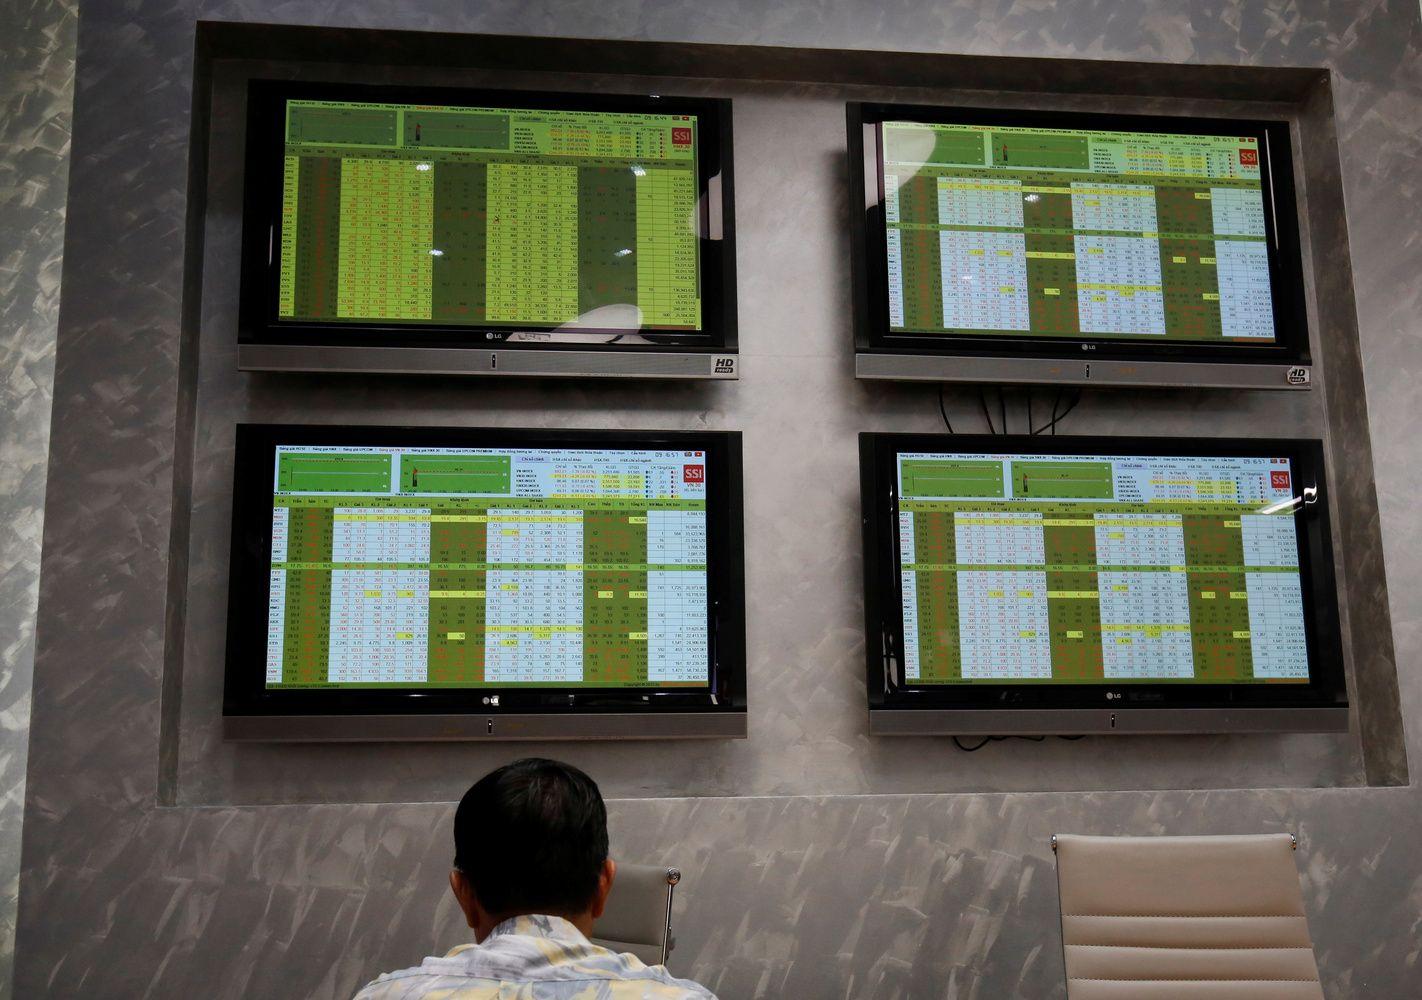 Asia Stocks Decline Amid Mixed China Economic Data: Markets Wrap